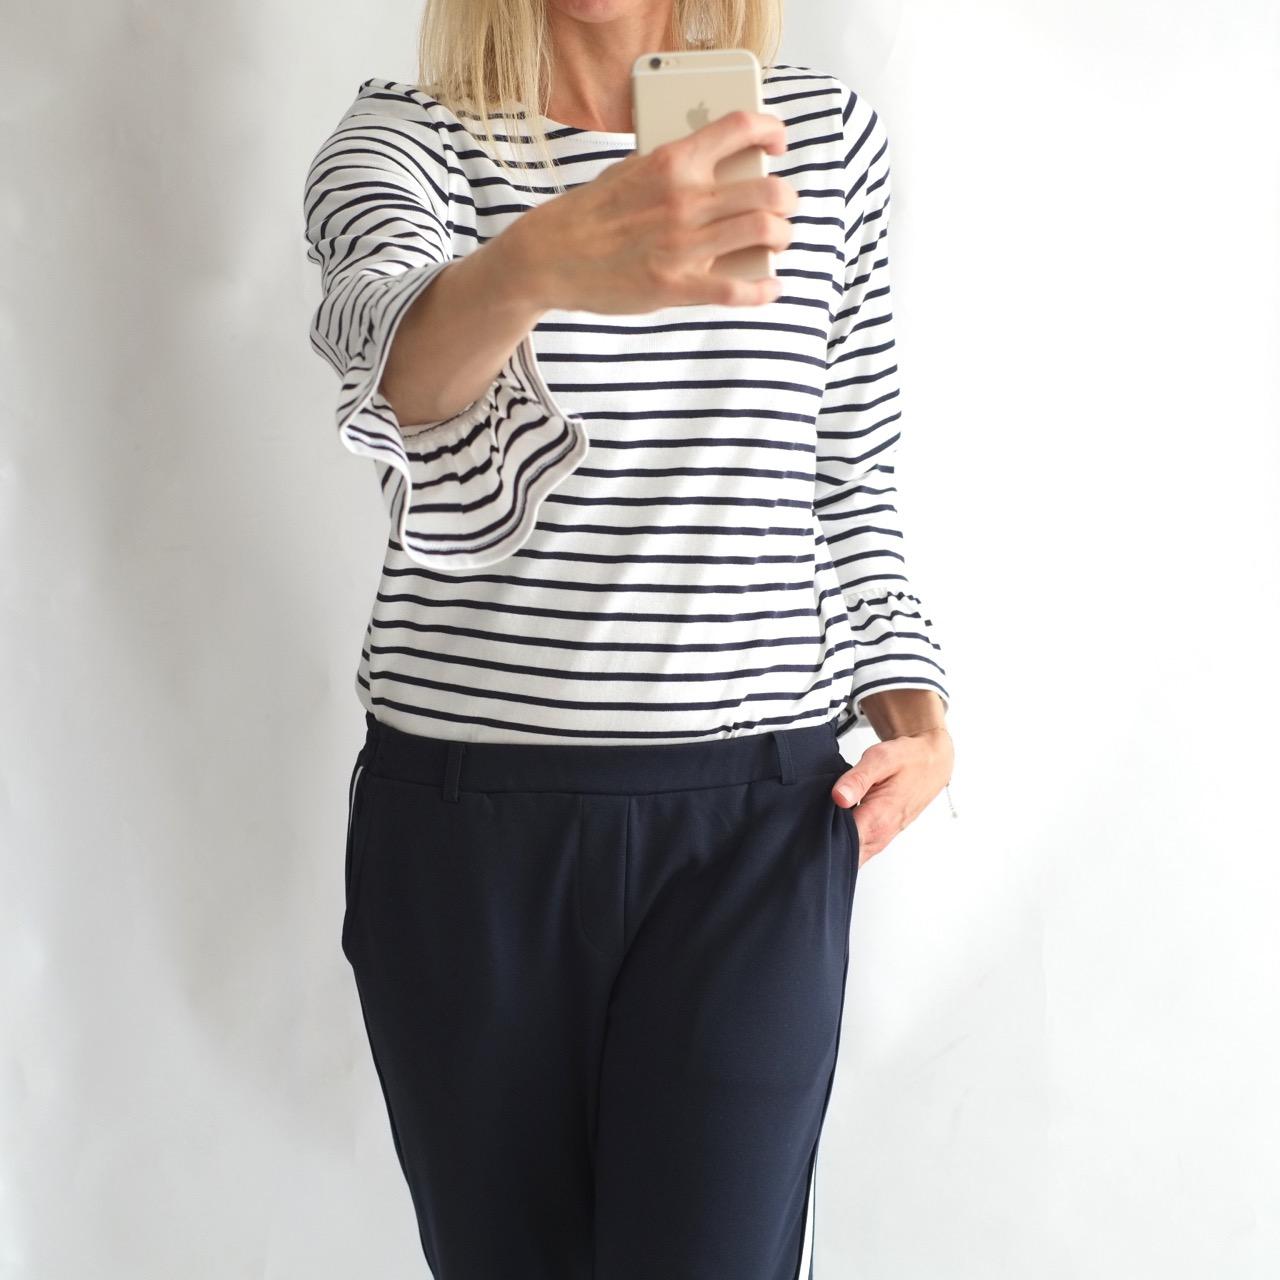 herrundfraukrauss-blog-blogger-onlineshop-smwartphone